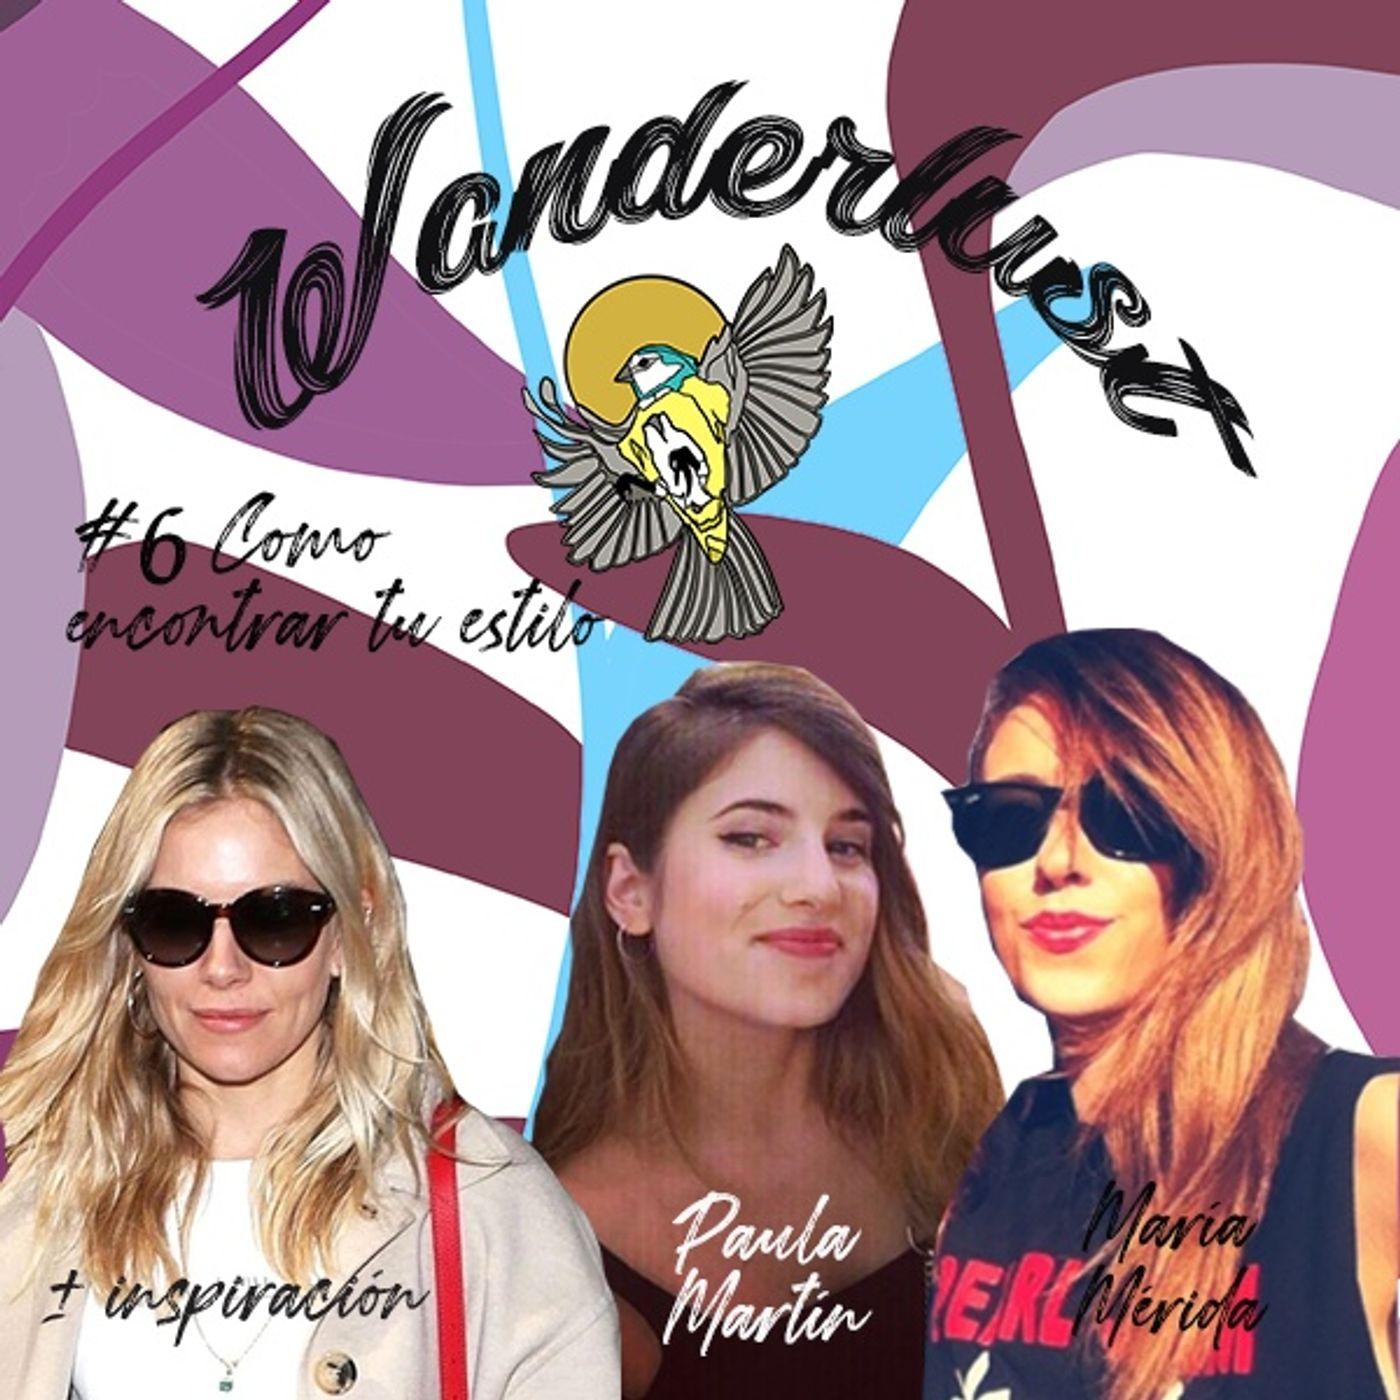 #7 Cómo encontrar tu estilo para comprar mejor, con María Mérida